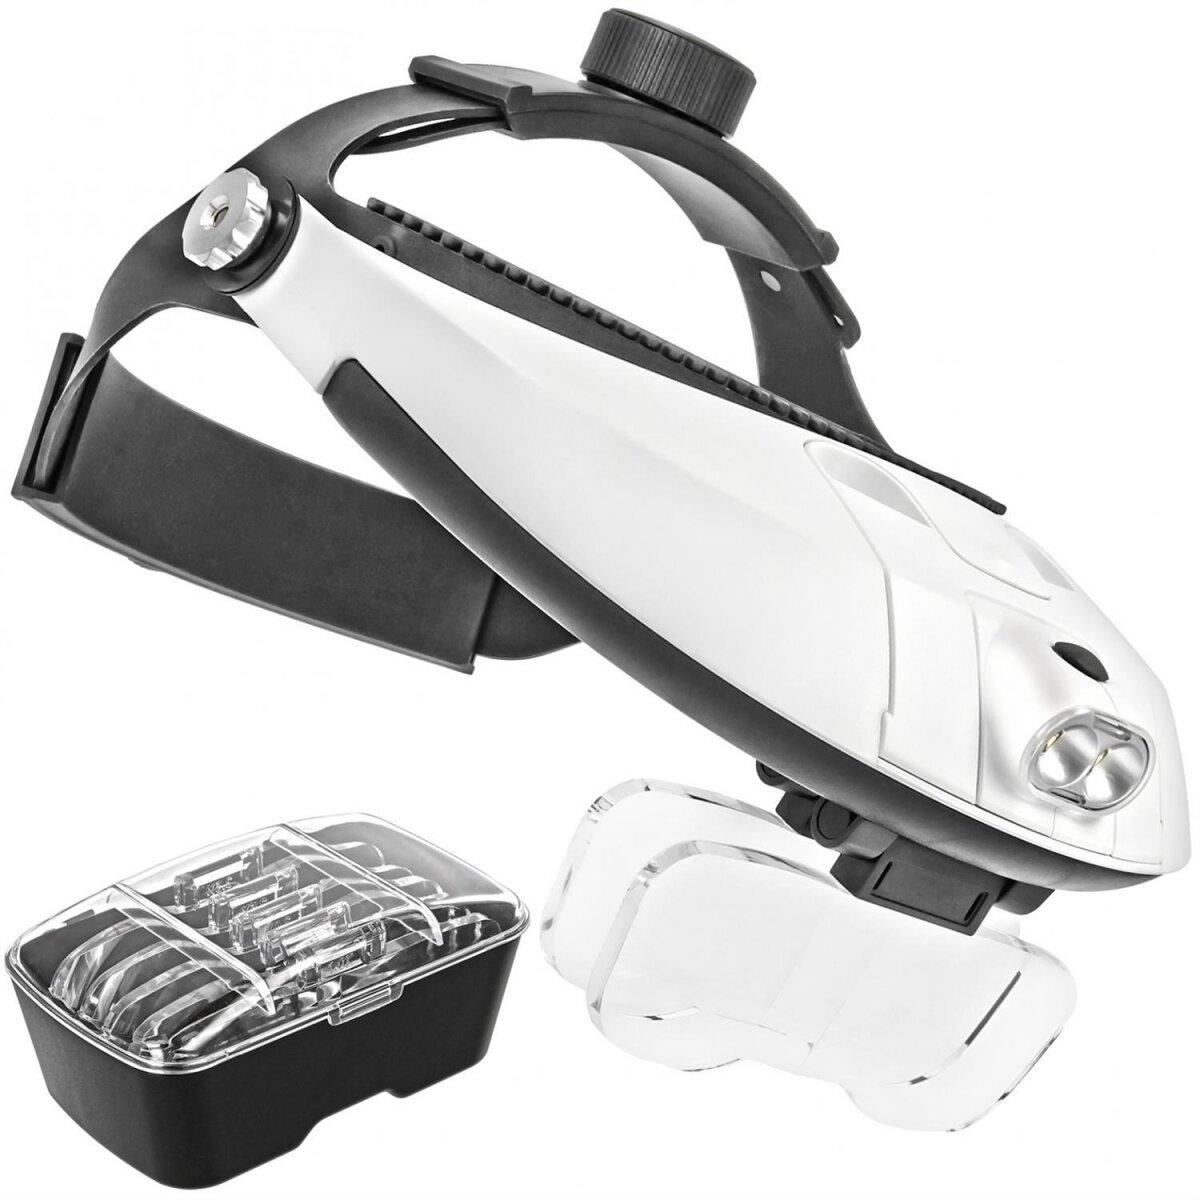 """Profi Stirnlupe Brillenlupe mit verstelbarem """"KOPFBÜGEL"""" Kopflupe mit Doppel LED Beleuchtung und 5x High Definition Vergrößerungsgläser"""